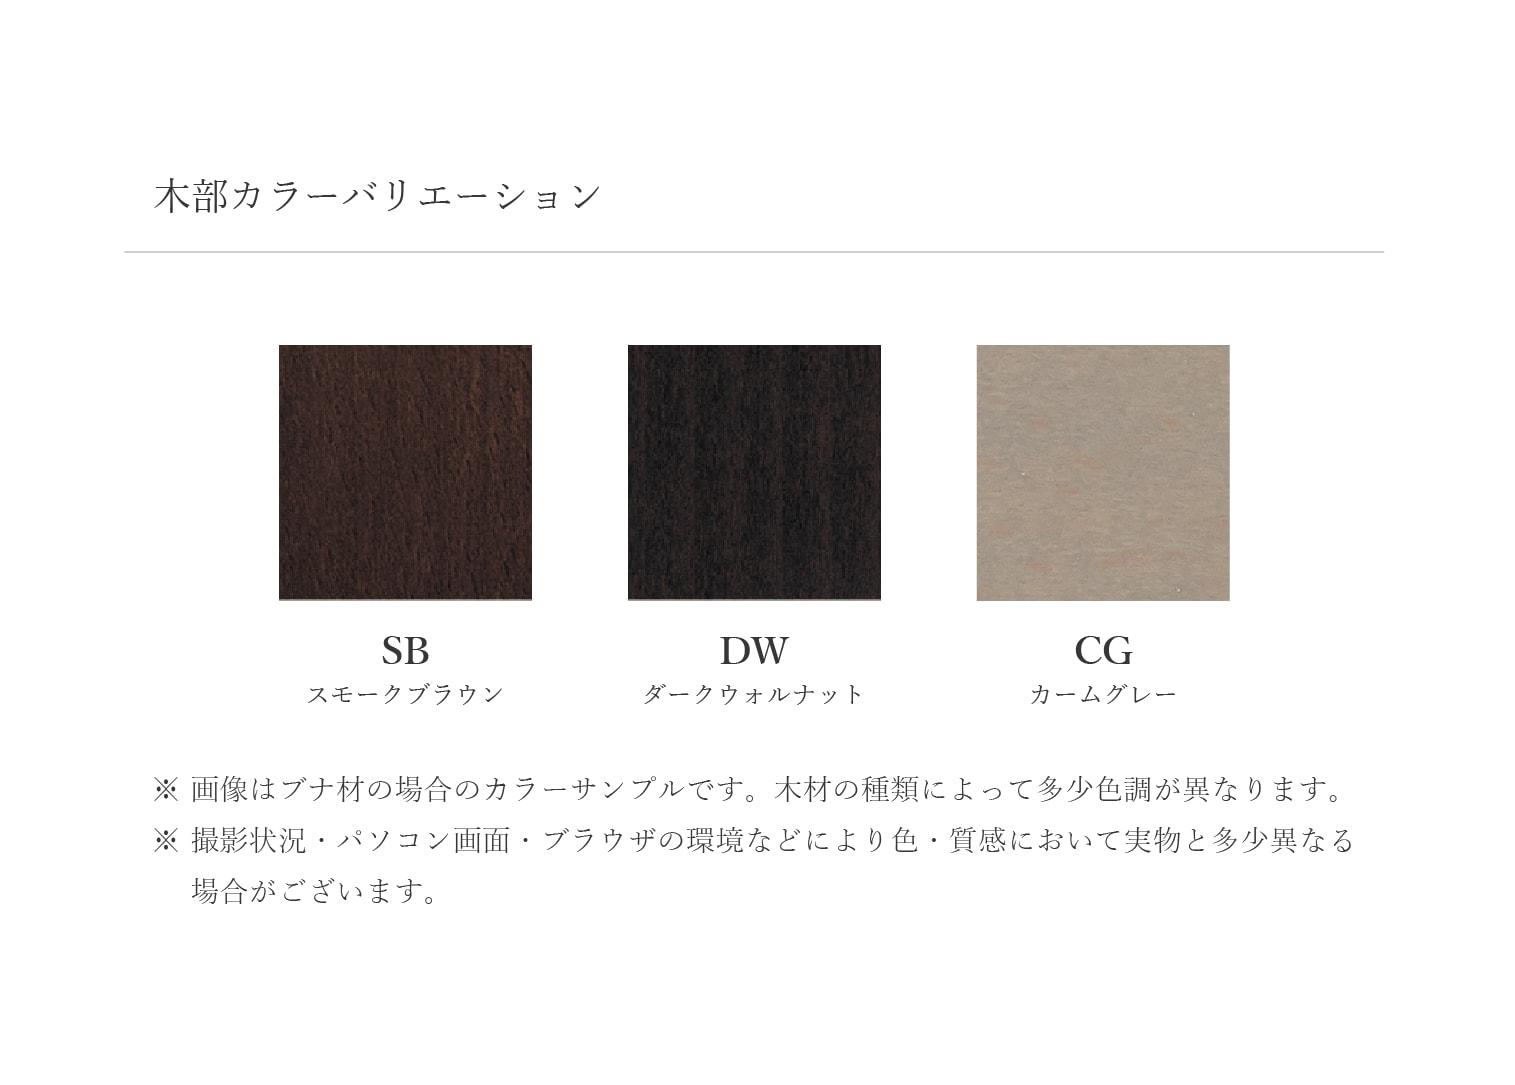 VT-0152 木部カラー